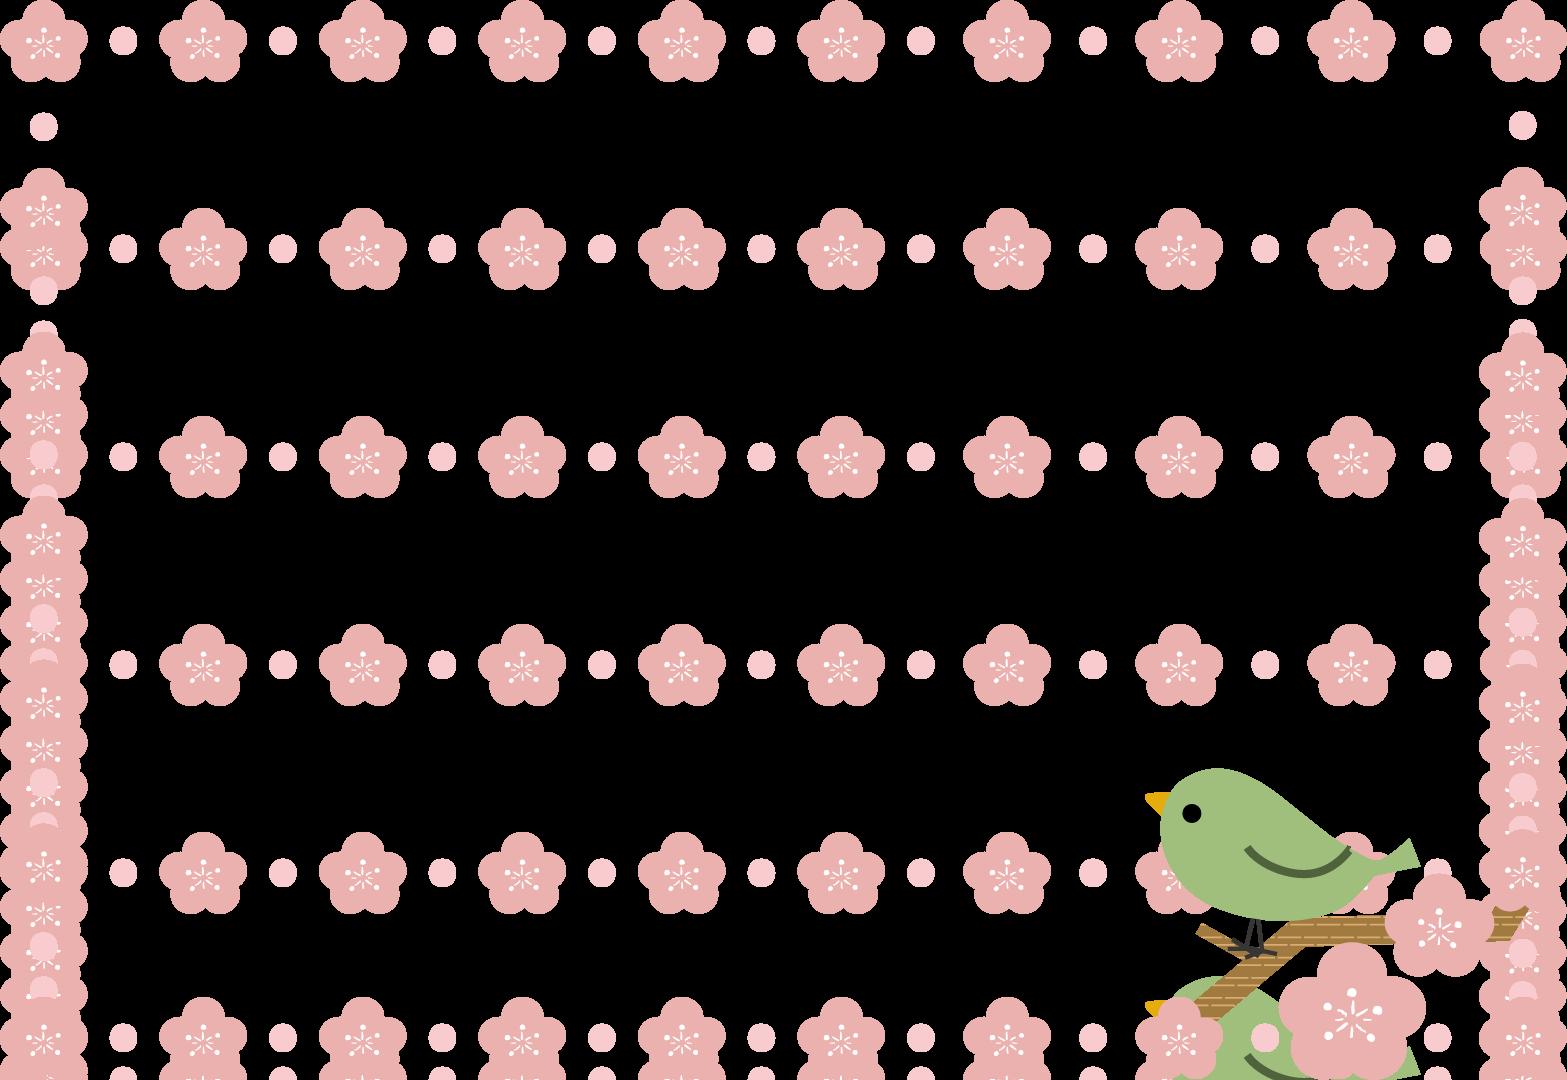 春のイラスト(無料イラスト素材)梅・うぐいす